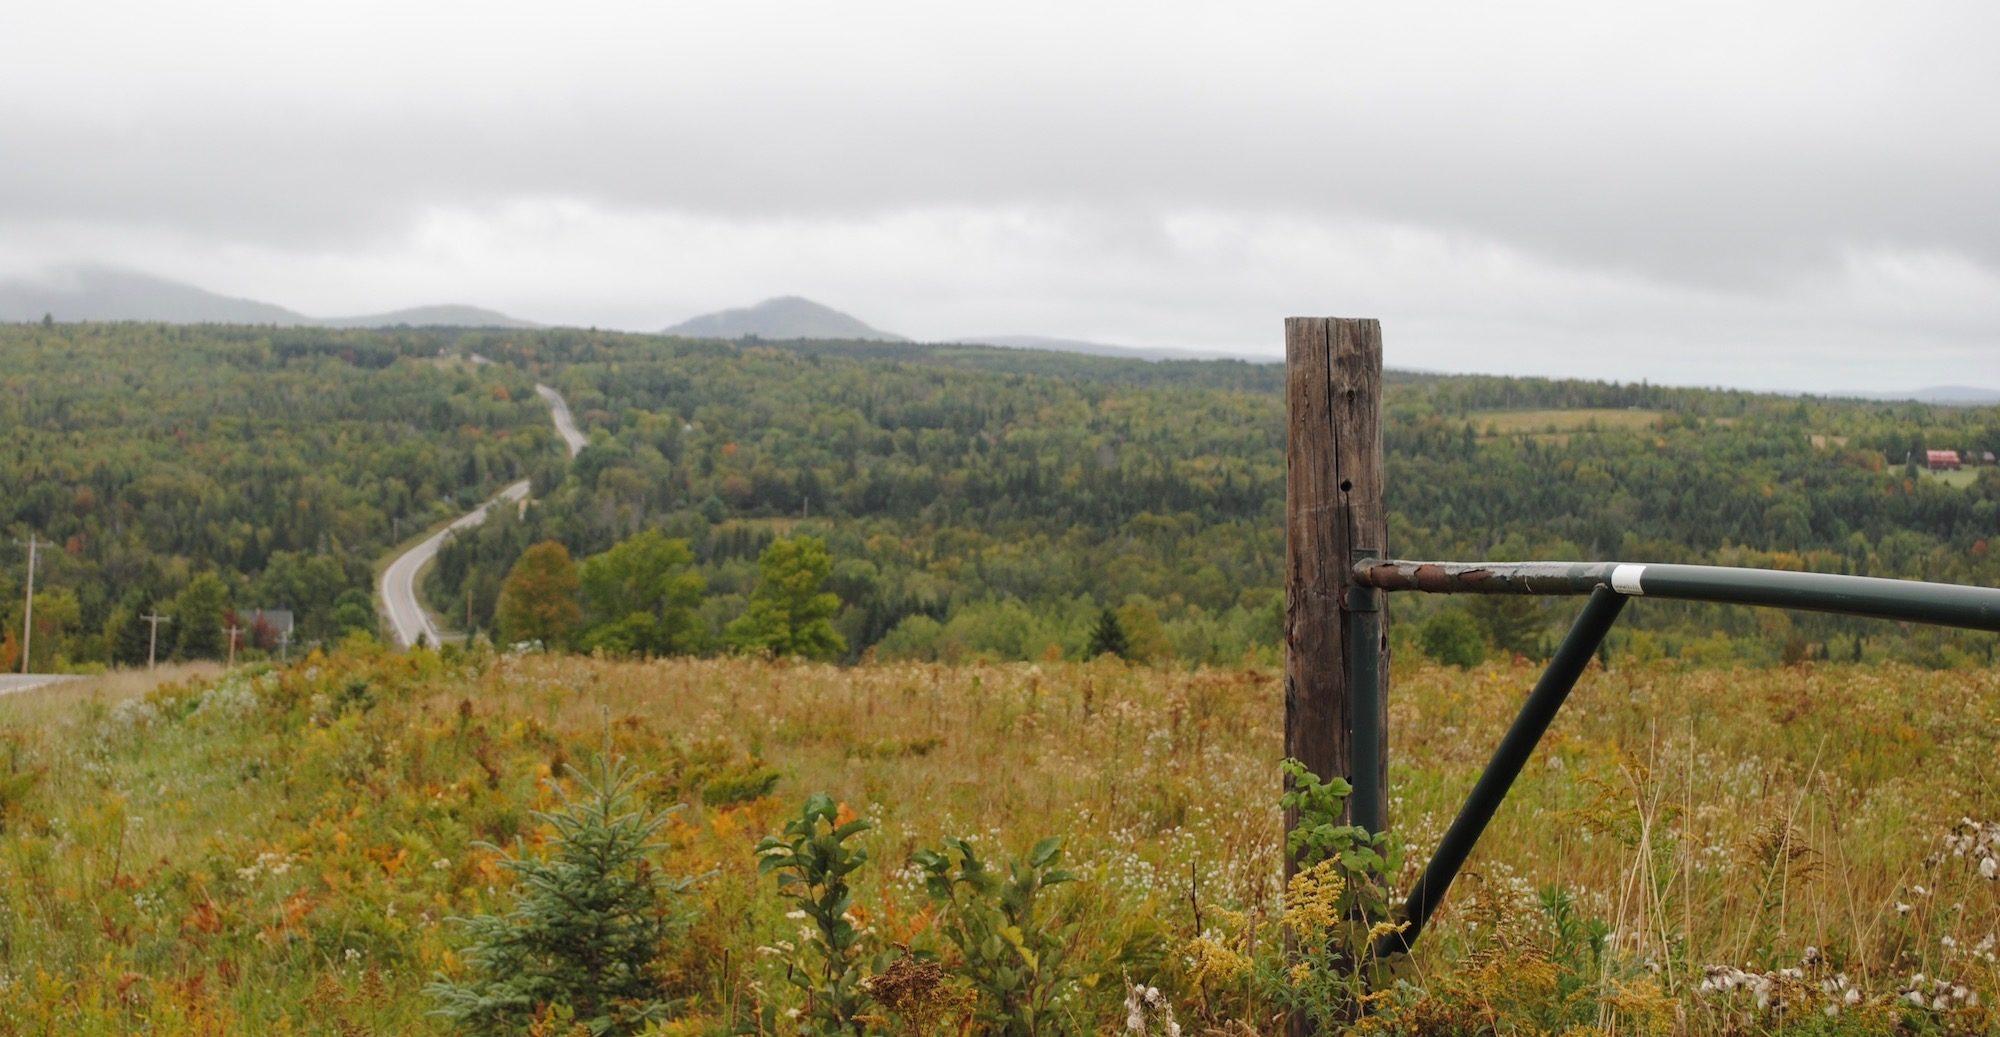 Rt. 11 north of Bangor, Maine